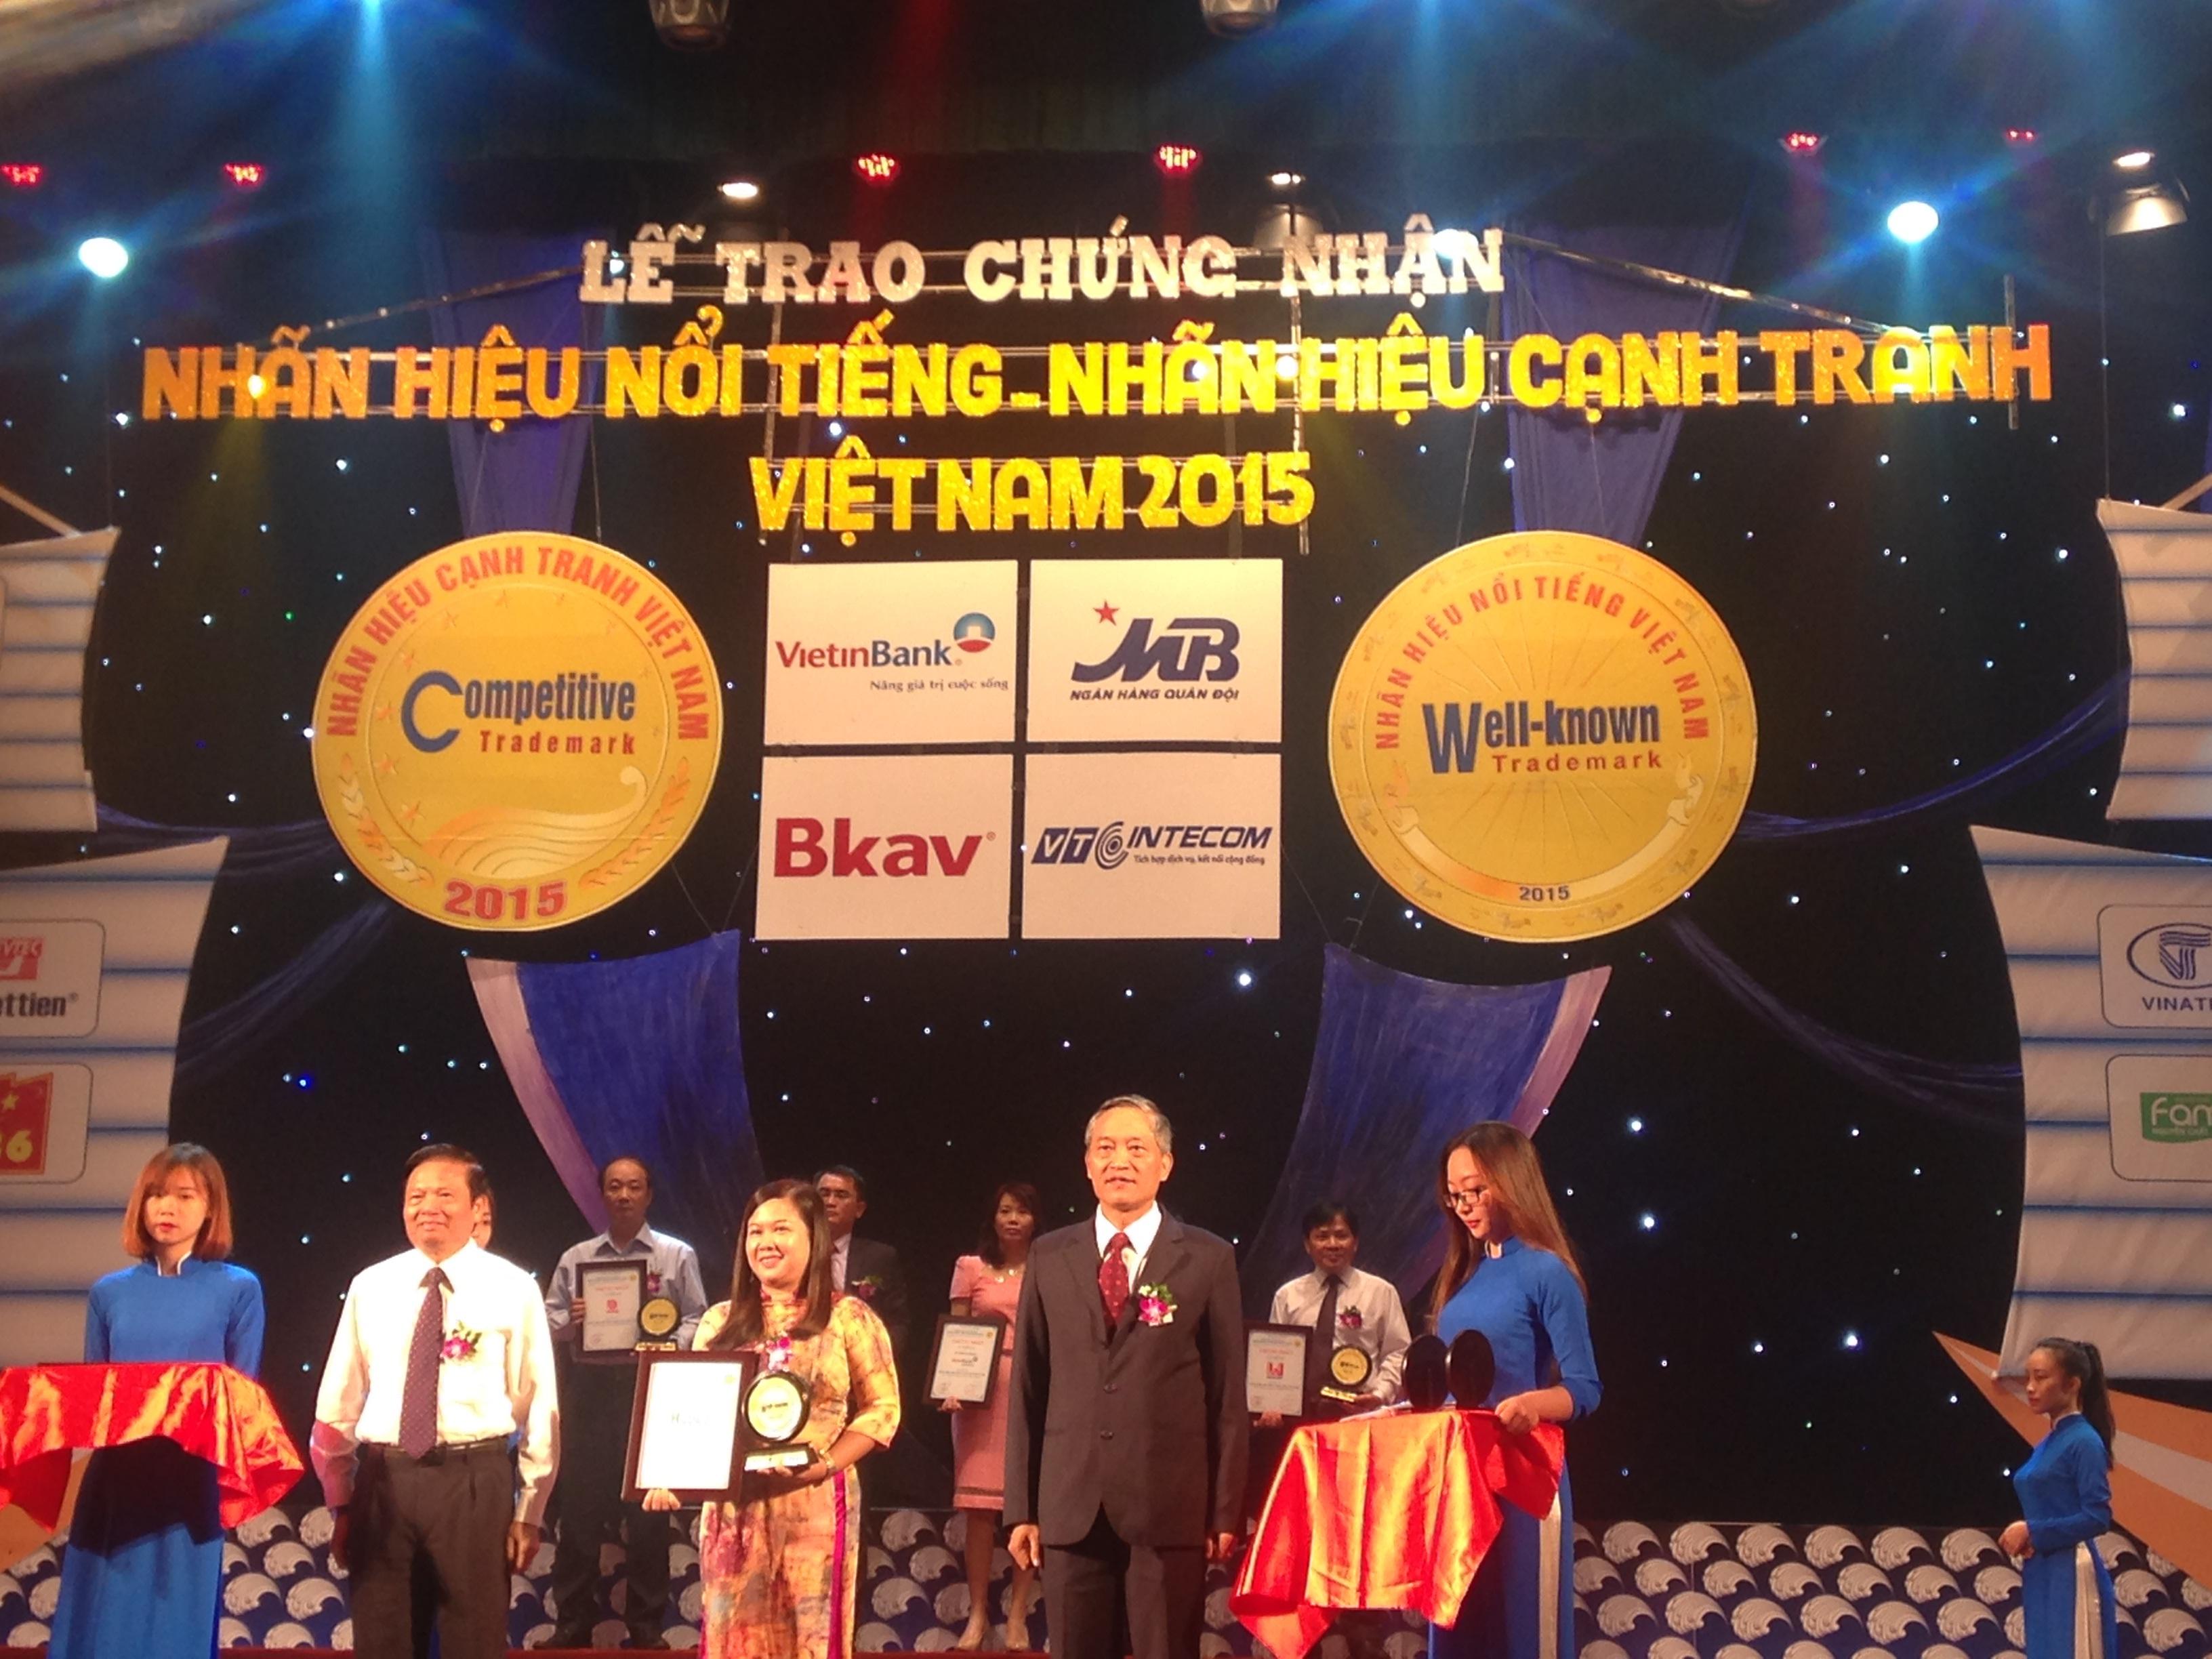 Giám đốc điều hành Nguyễn Thị Thu Hiền nhận Chứng nhận từ BTC chương trình